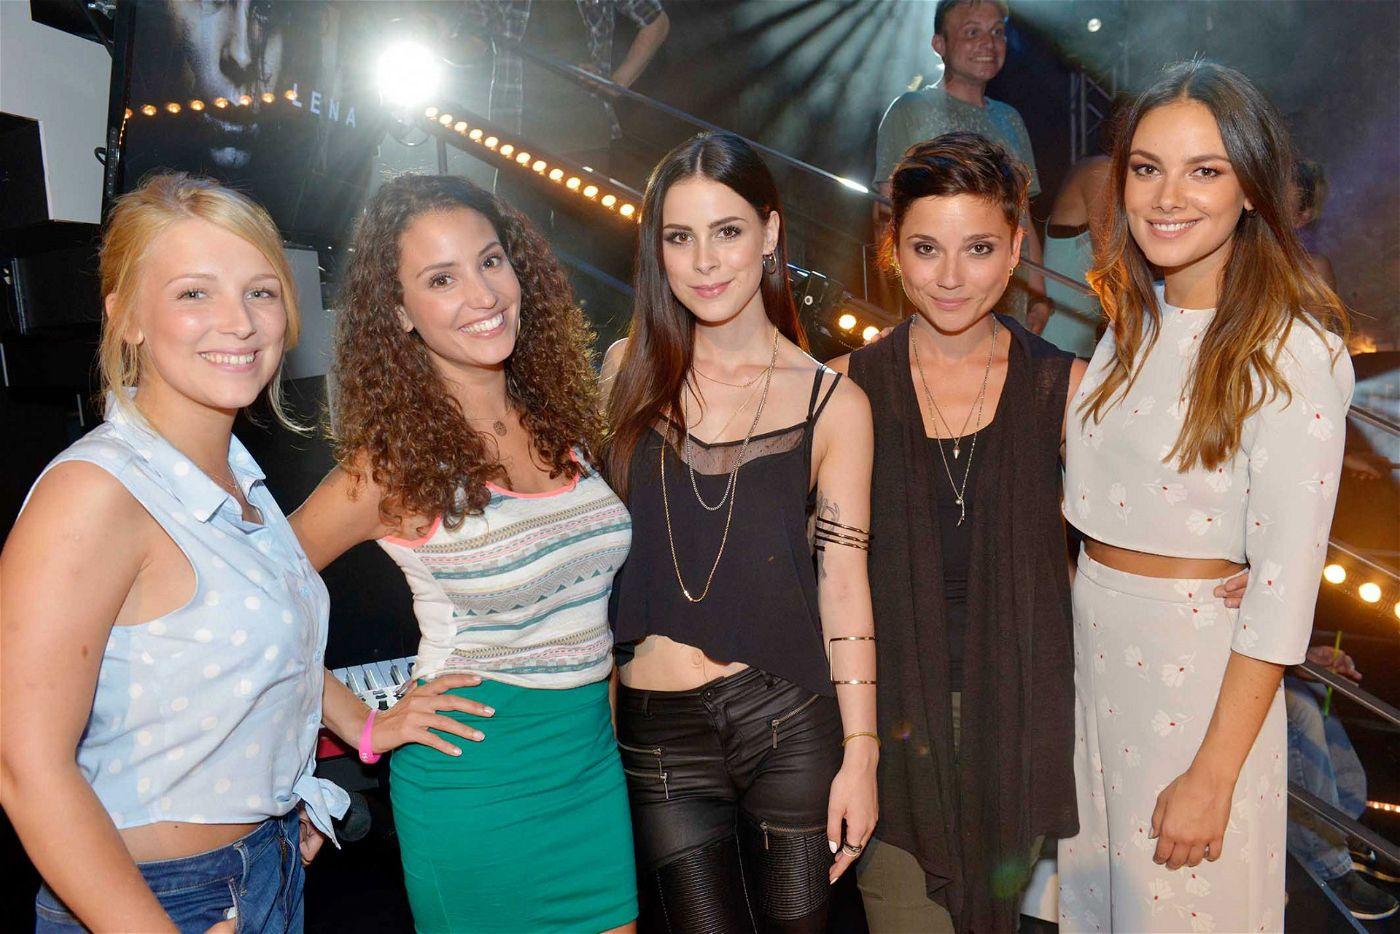 """Im """"Mauerwerk"""", dem legendären TV-Serien-Club, sind in den Szenen aus dem GZSZ-Ensemble auch Janina Uhse (""""Jasmin""""), Nadine Menz (""""Ayla""""), Iris Mareike Steen (""""Lilly"""") und Linda Marlen Runge als """"Anni"""" mit dabei."""